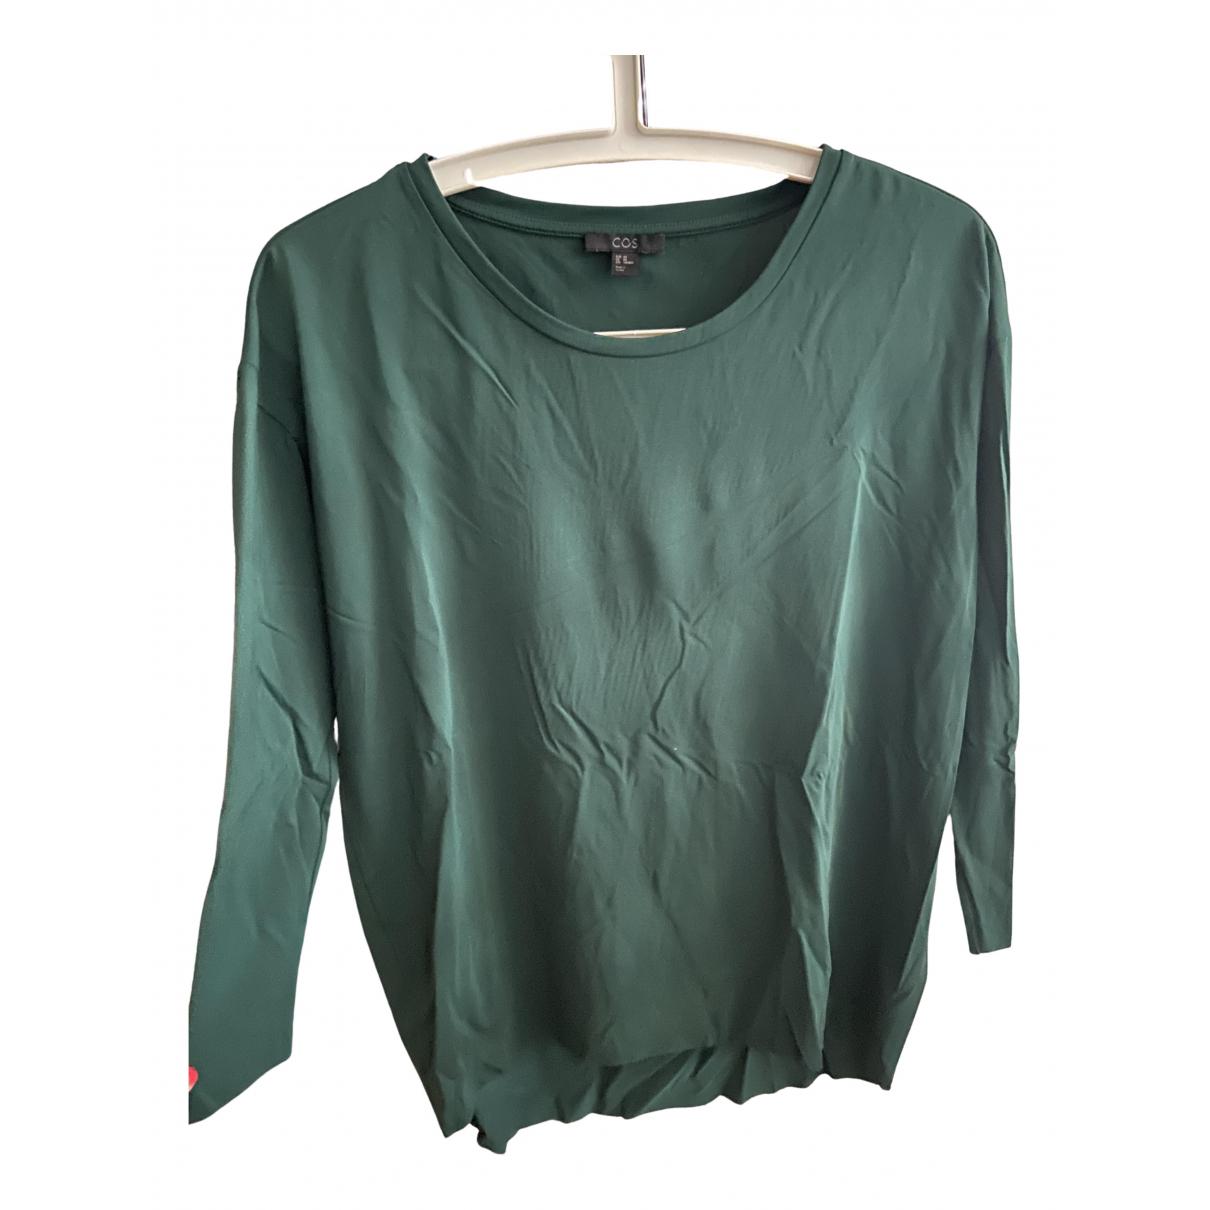 Cos - Top   pour femme - vert